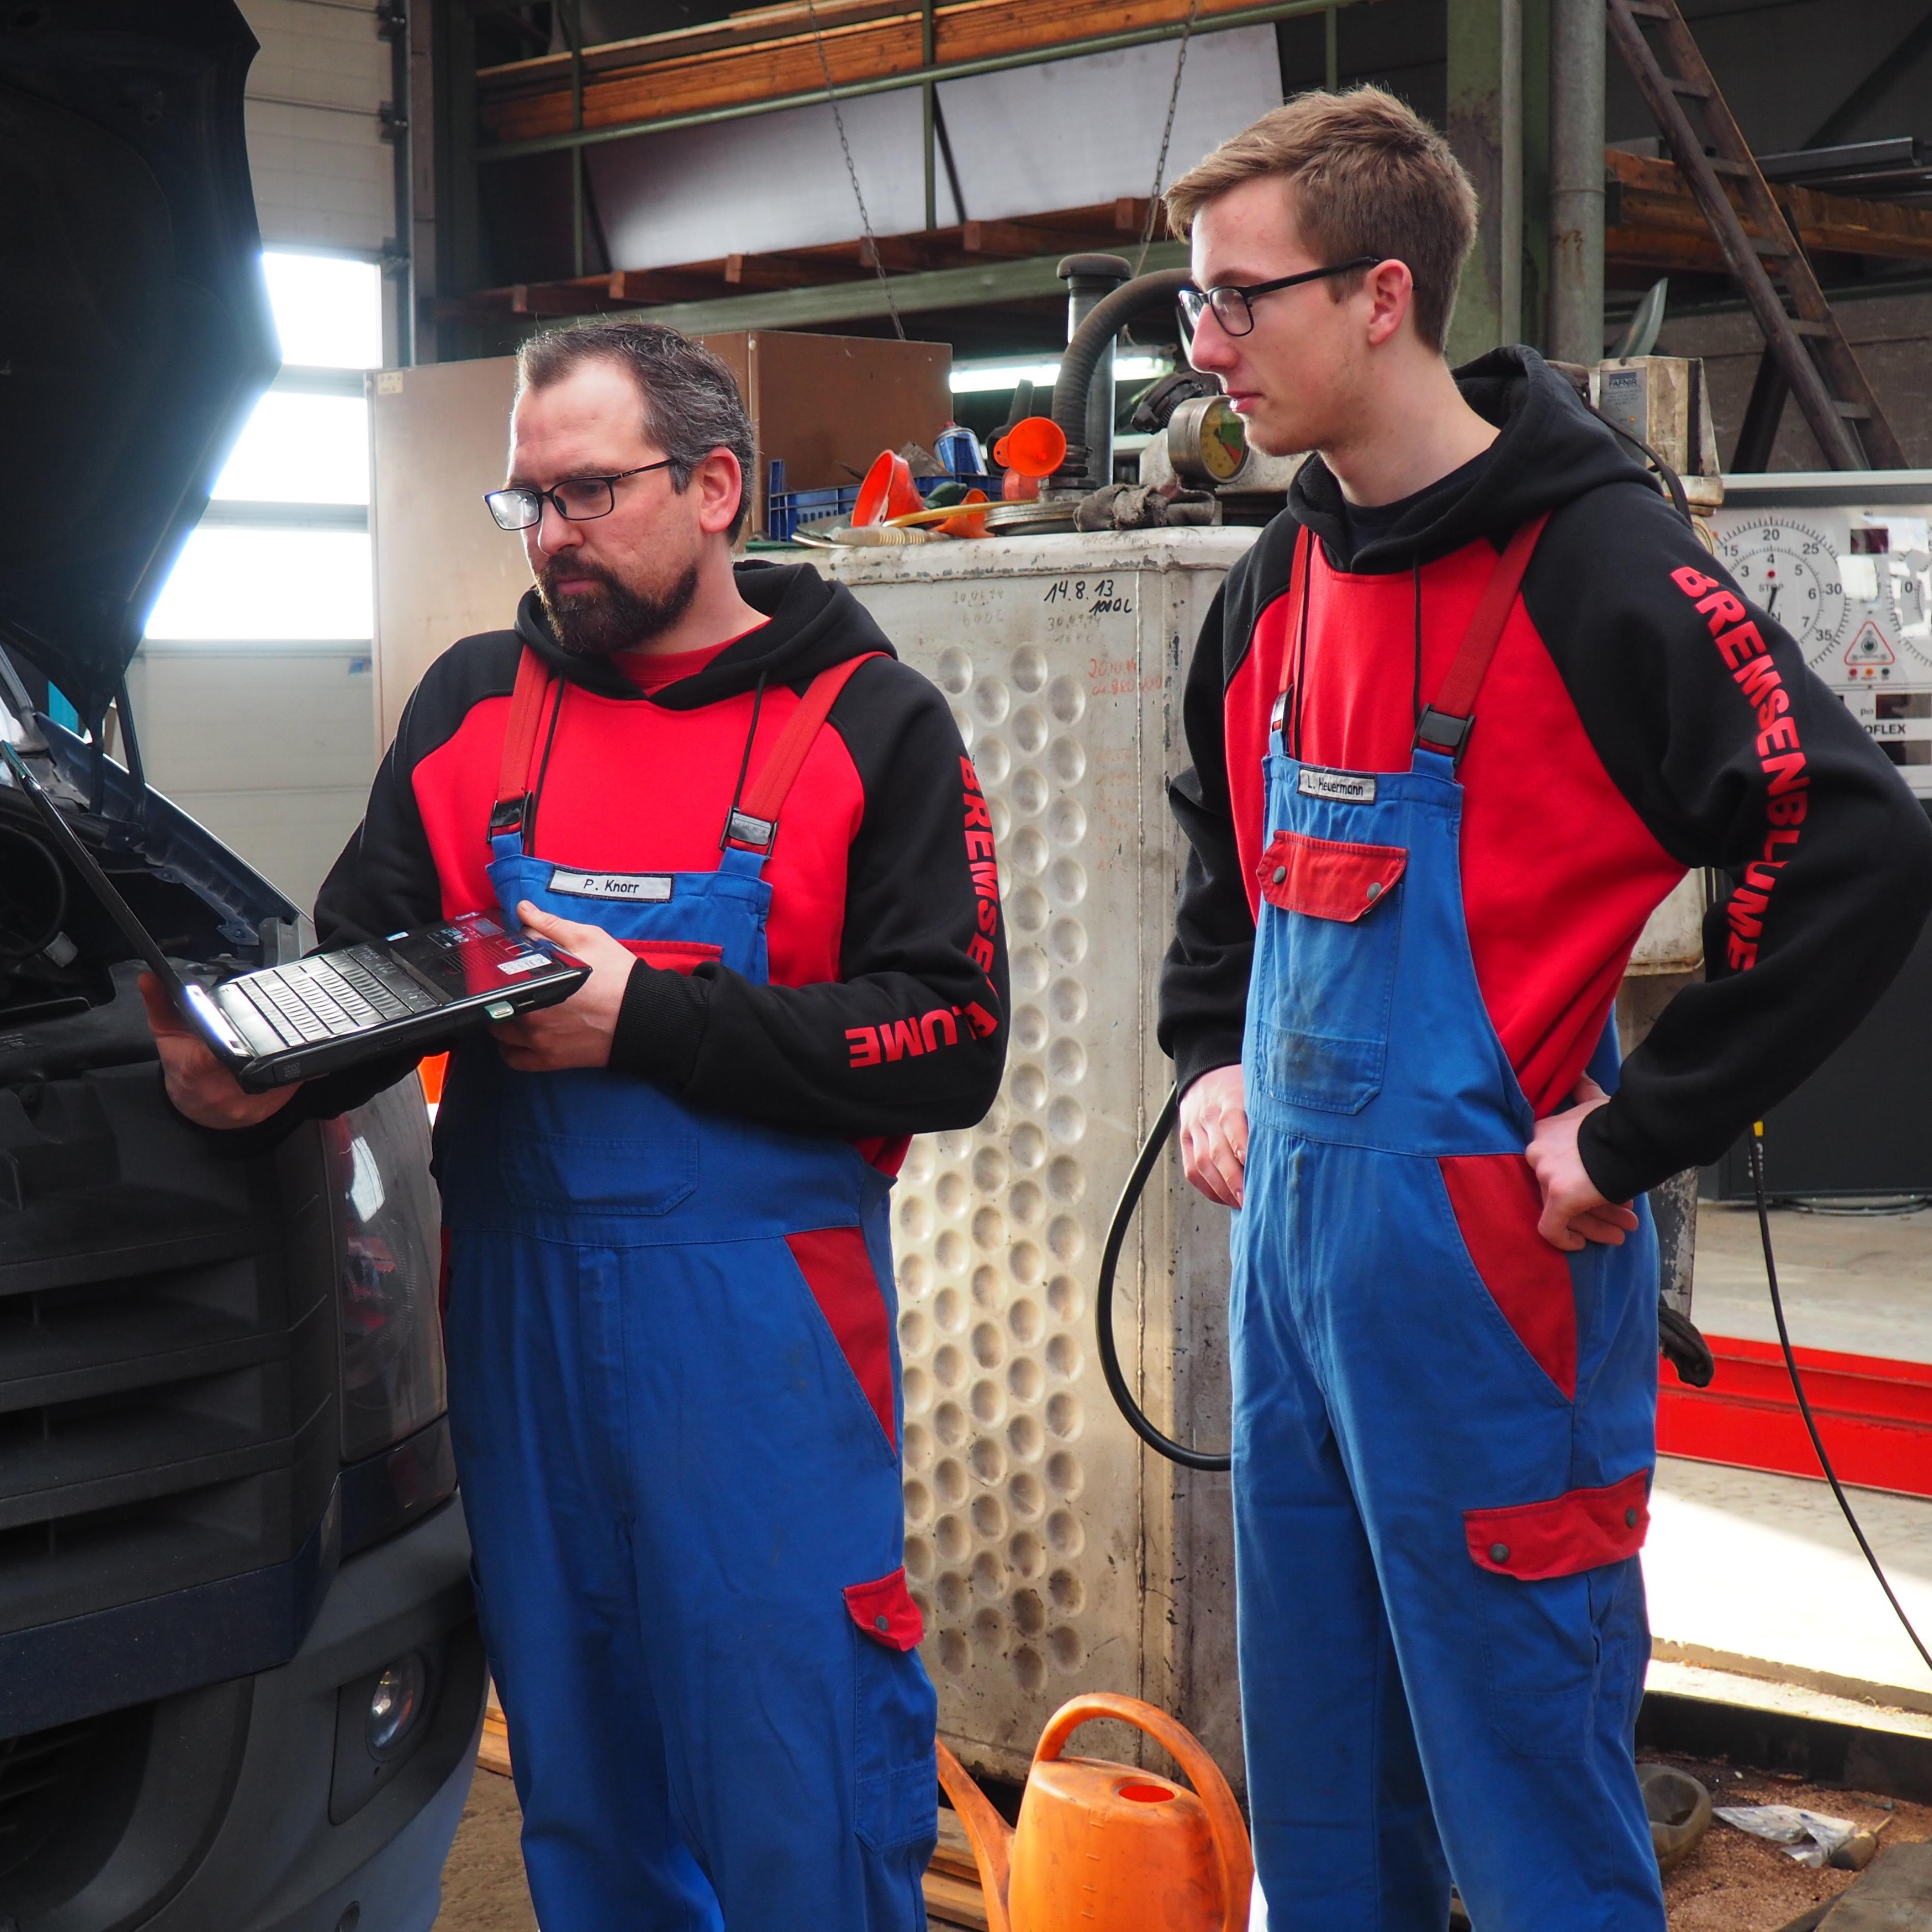 Instandhaltung durch Ihre freie Werkstatt für LKW / NFZ / PKW und Anhänger in Wülfrath – Kreis Mettmann